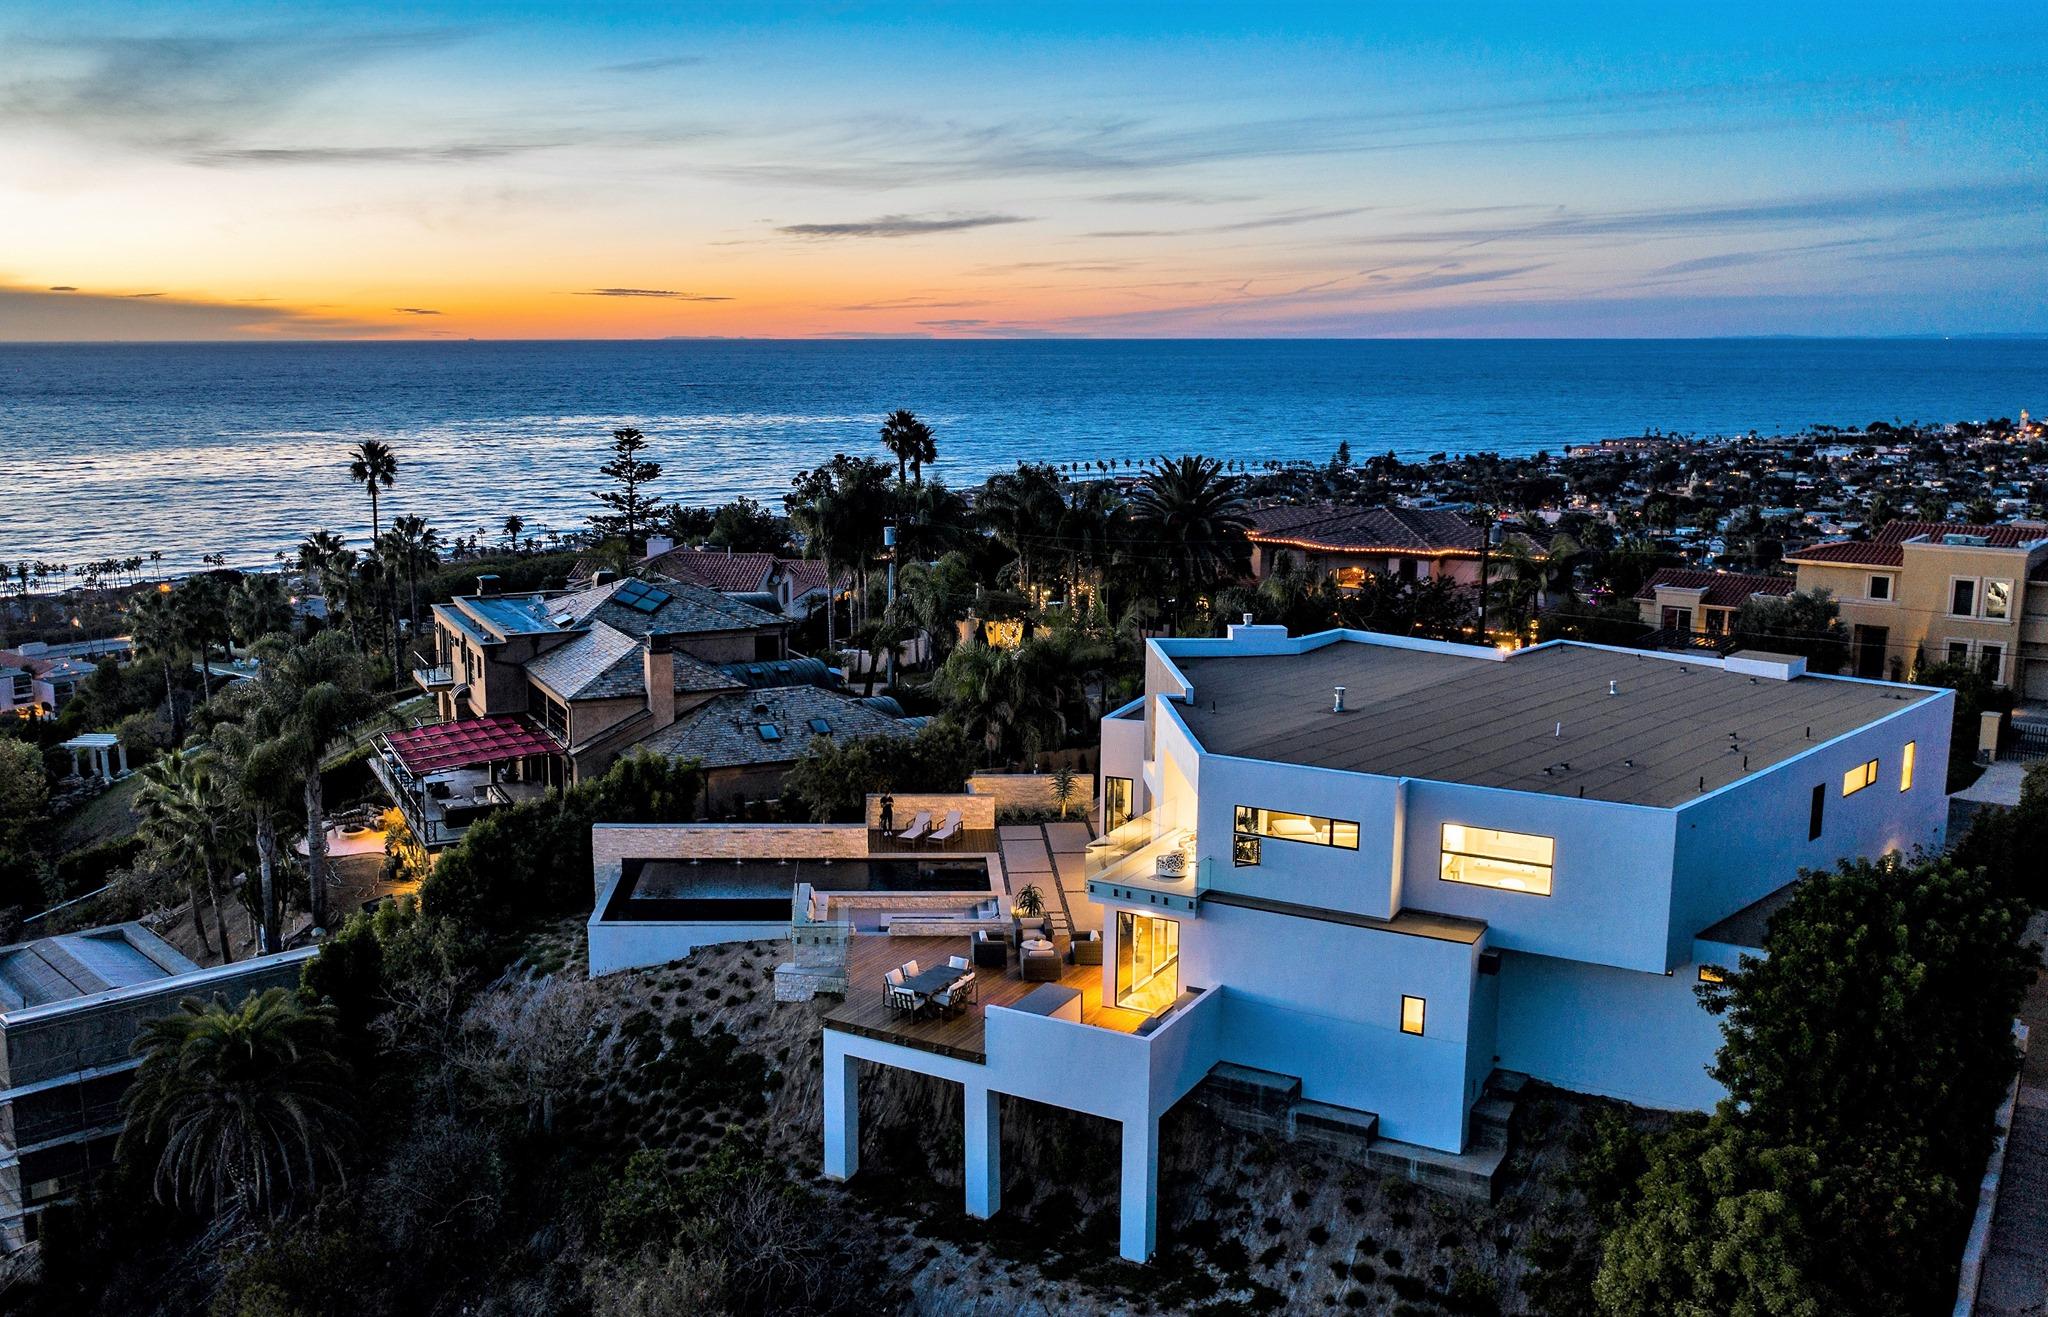 Monarch Luxury Villas La Jolla San Diego Area Southern California Luxurious Vacation Rentals